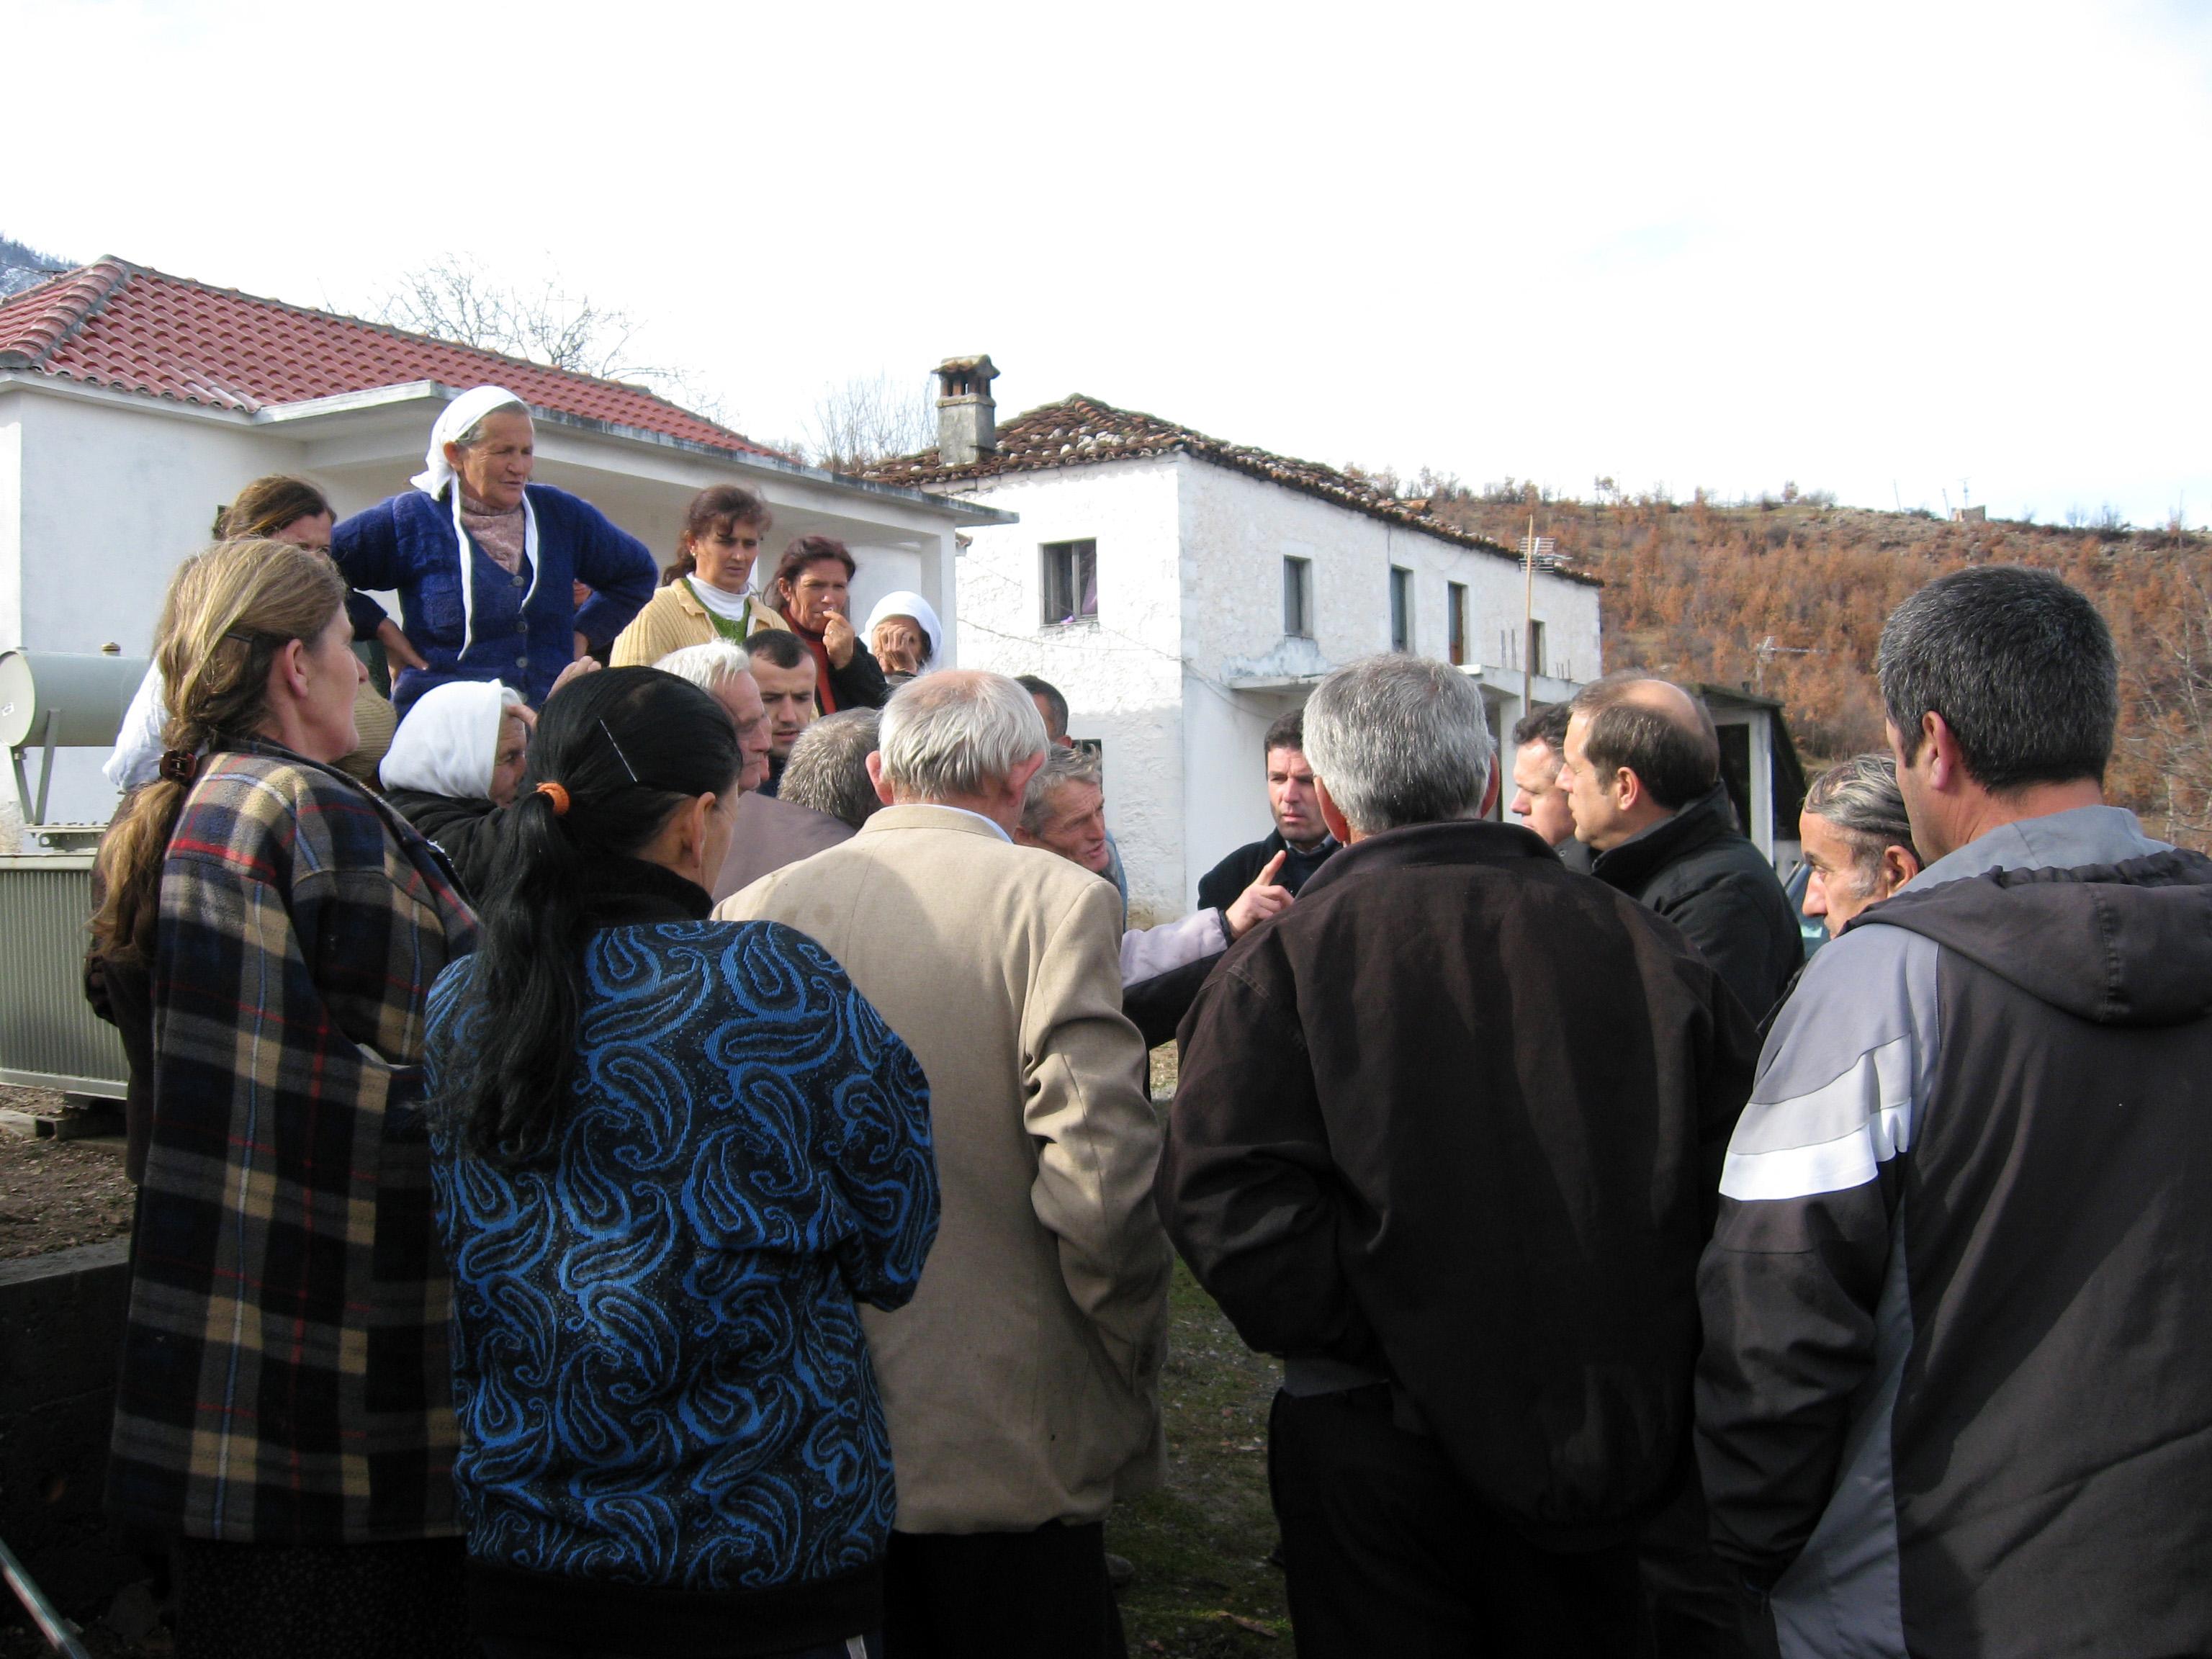 Diskussion im Dorf Mishter in der Region Gurre, Albanien, über ein Trinkwasserversorgungsvorhaben